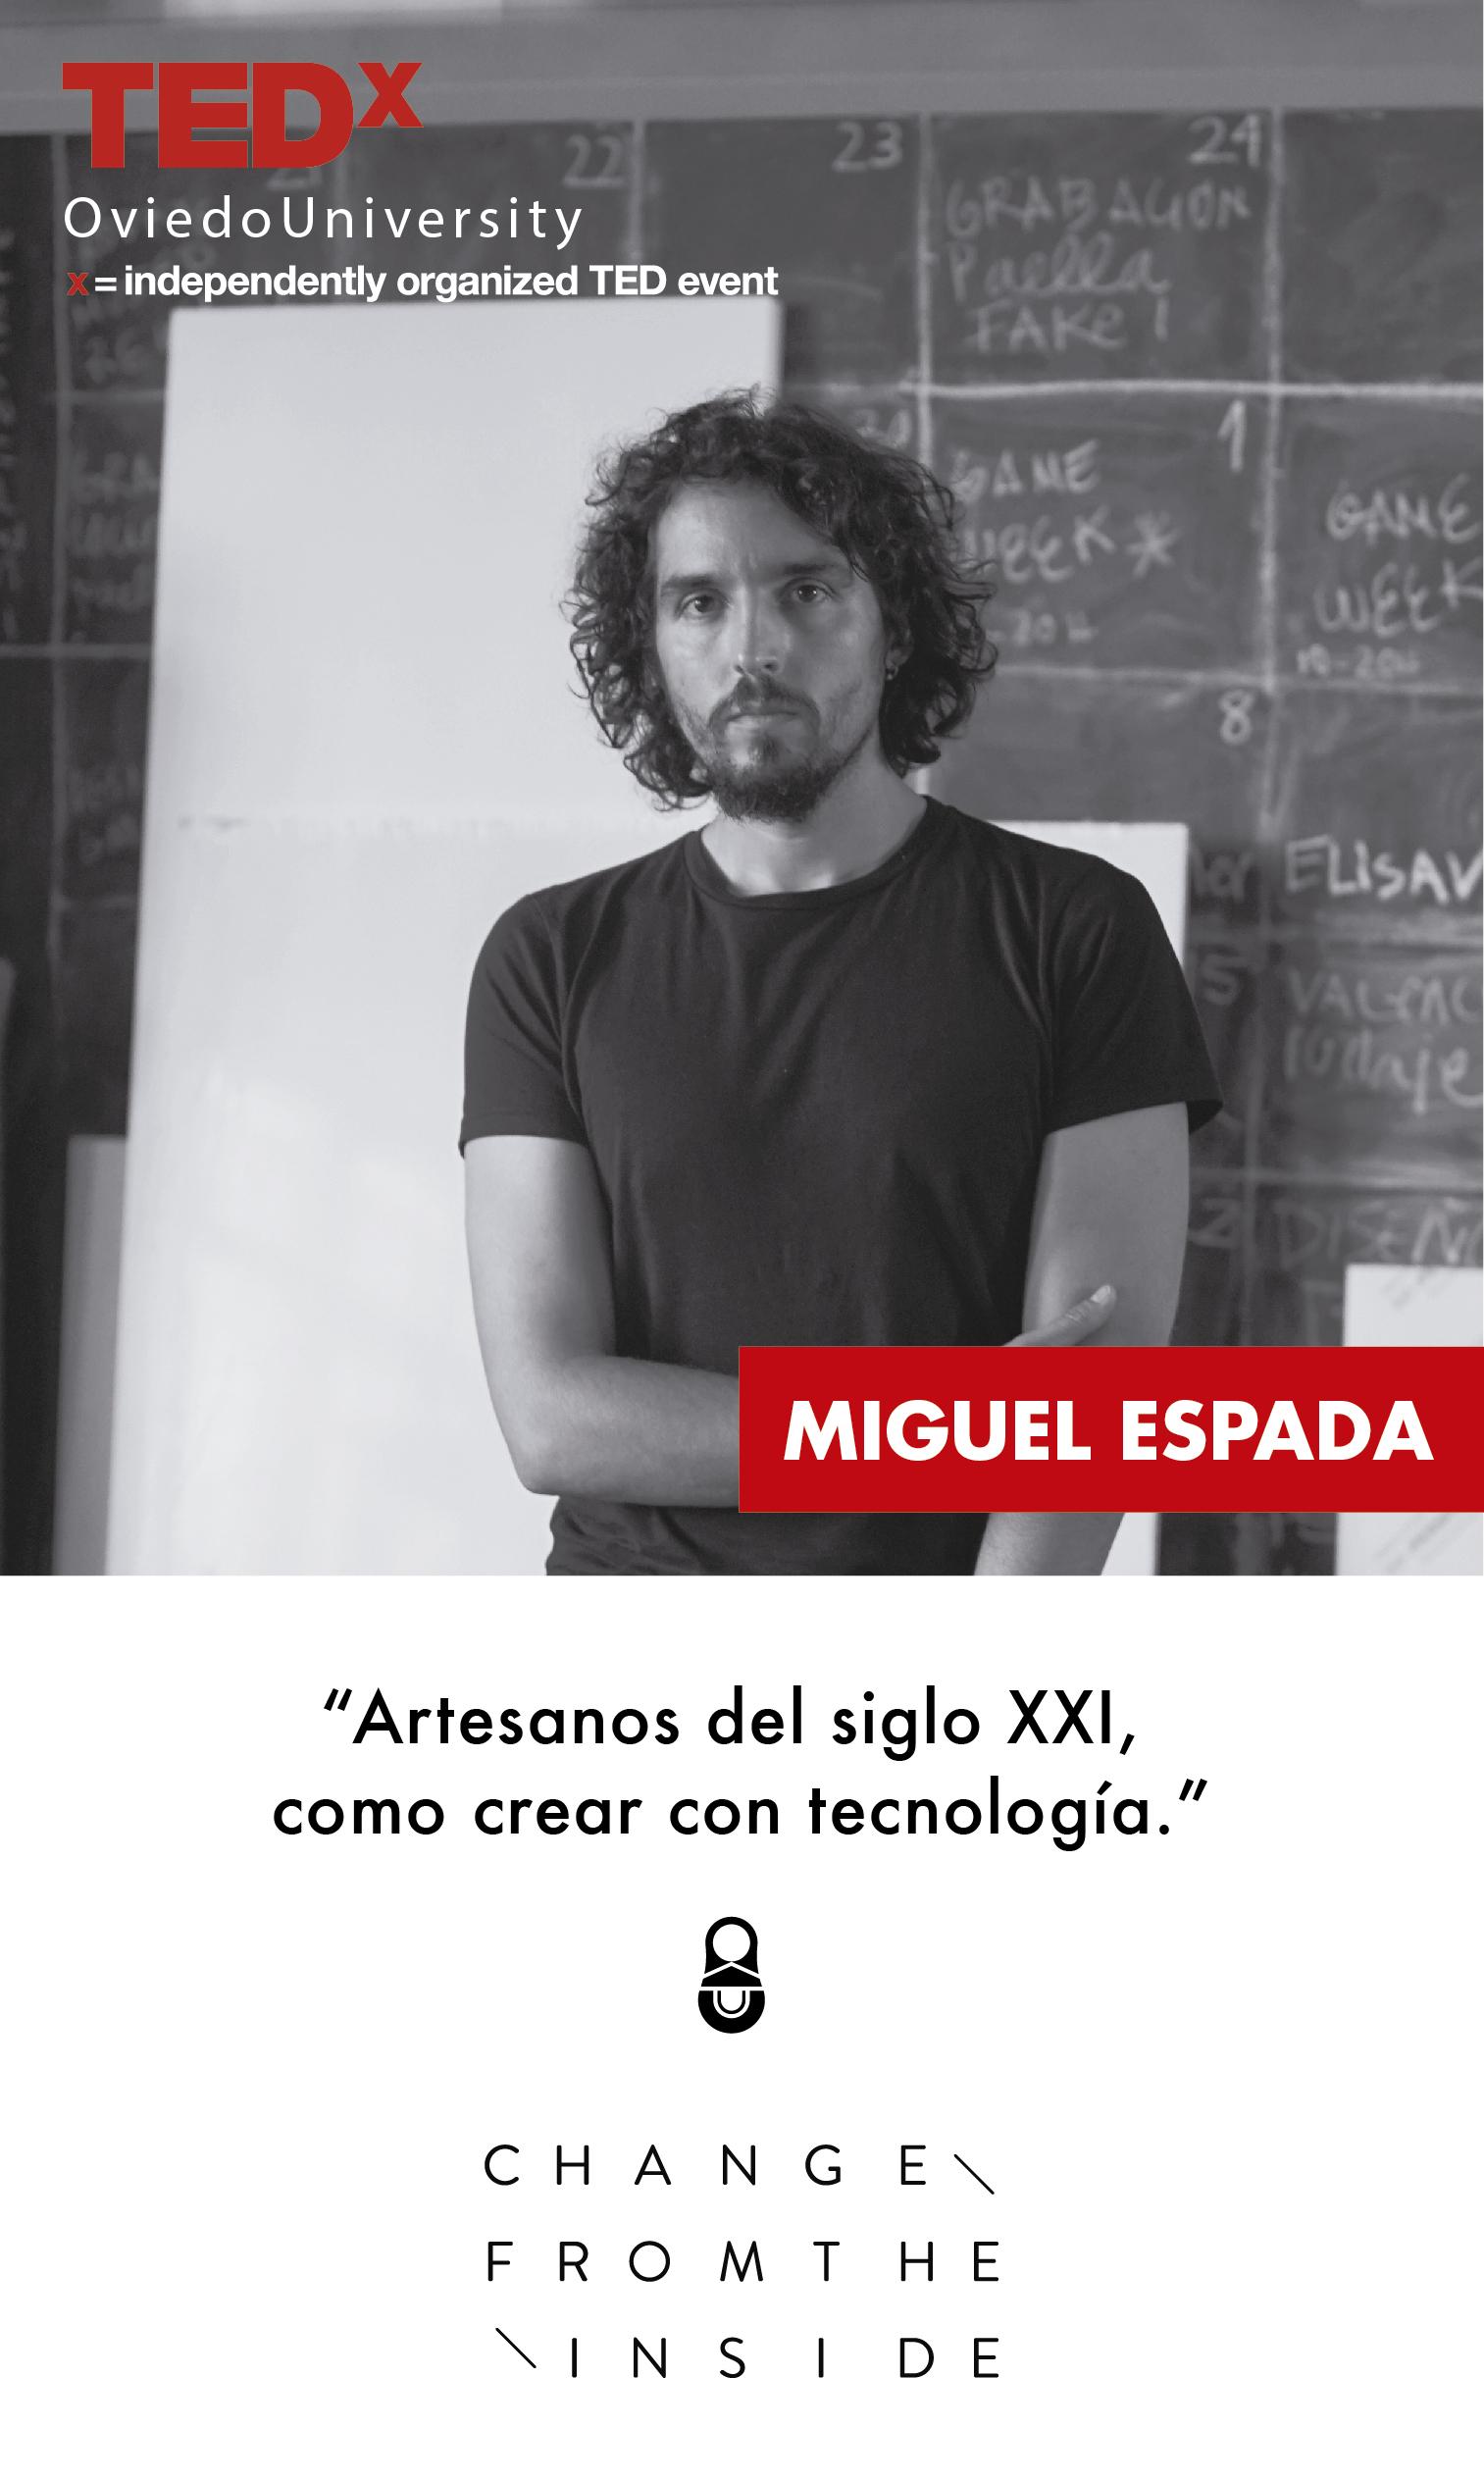 MIGUEL ESPADA